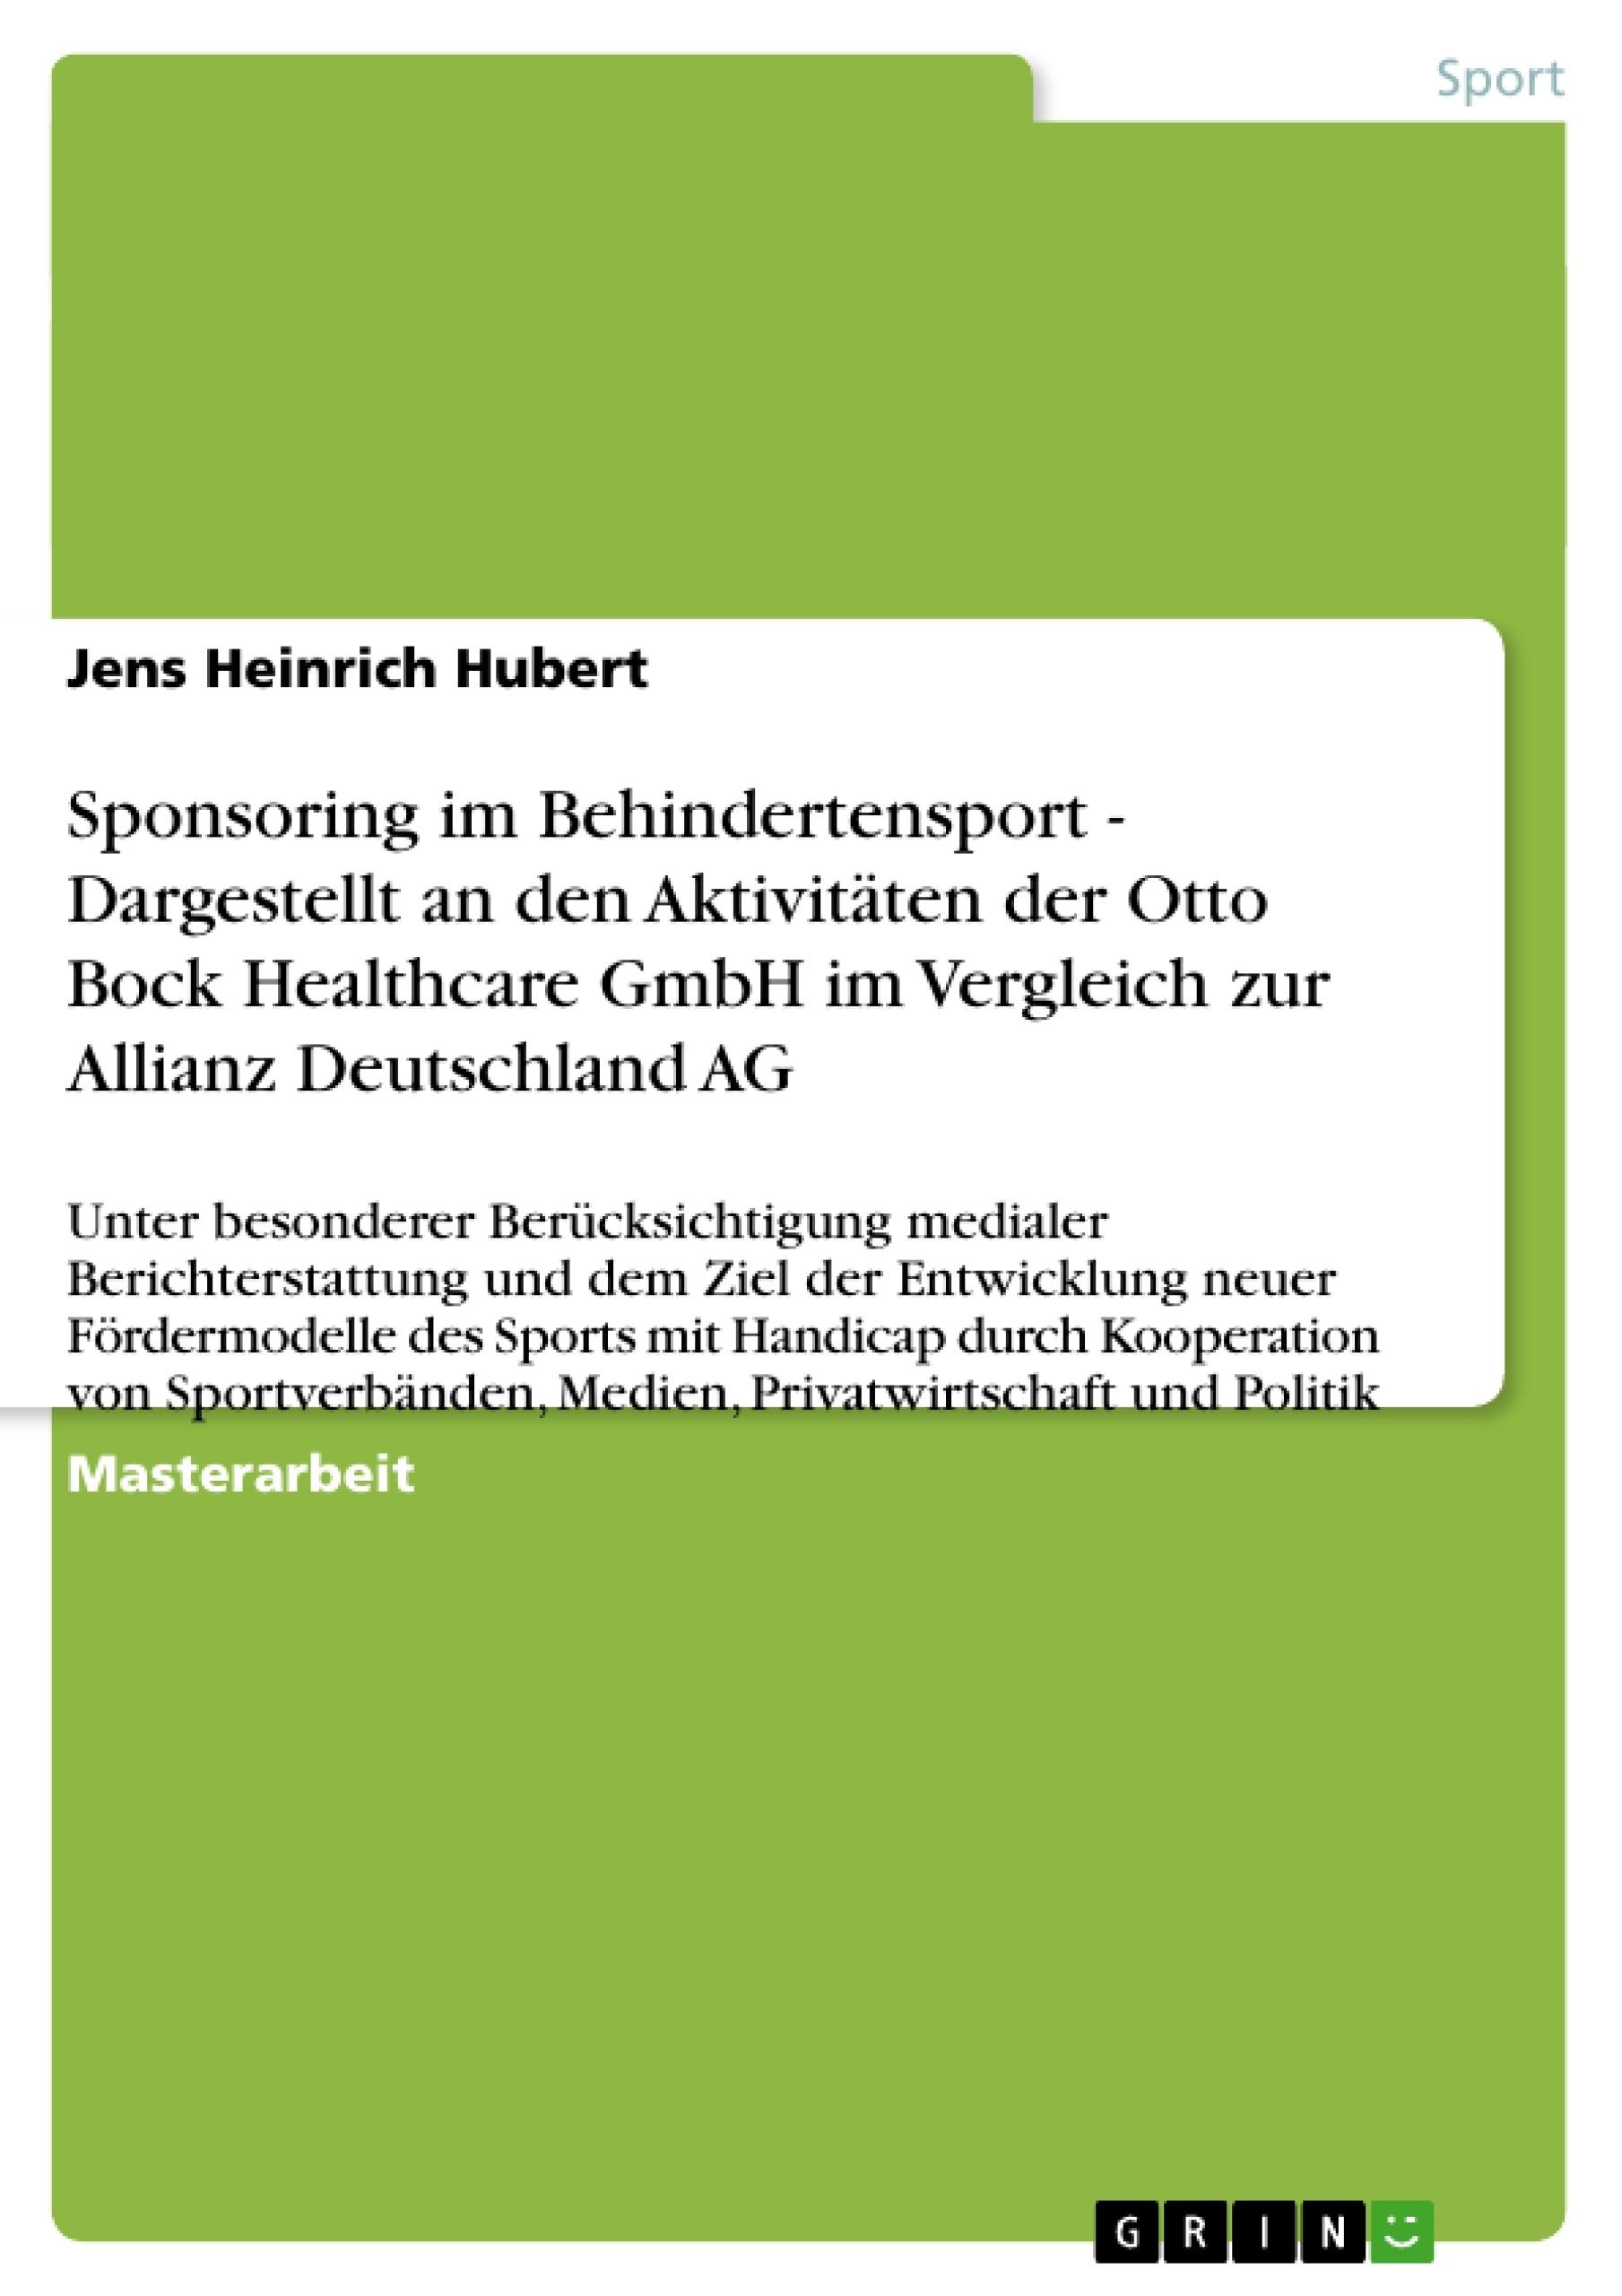 Titel: Sponsoring im Behindertensport - Dargestellt an den Aktivitäten der Otto Bock Healthcare GmbH im Vergleich zur Allianz Deutschland AG